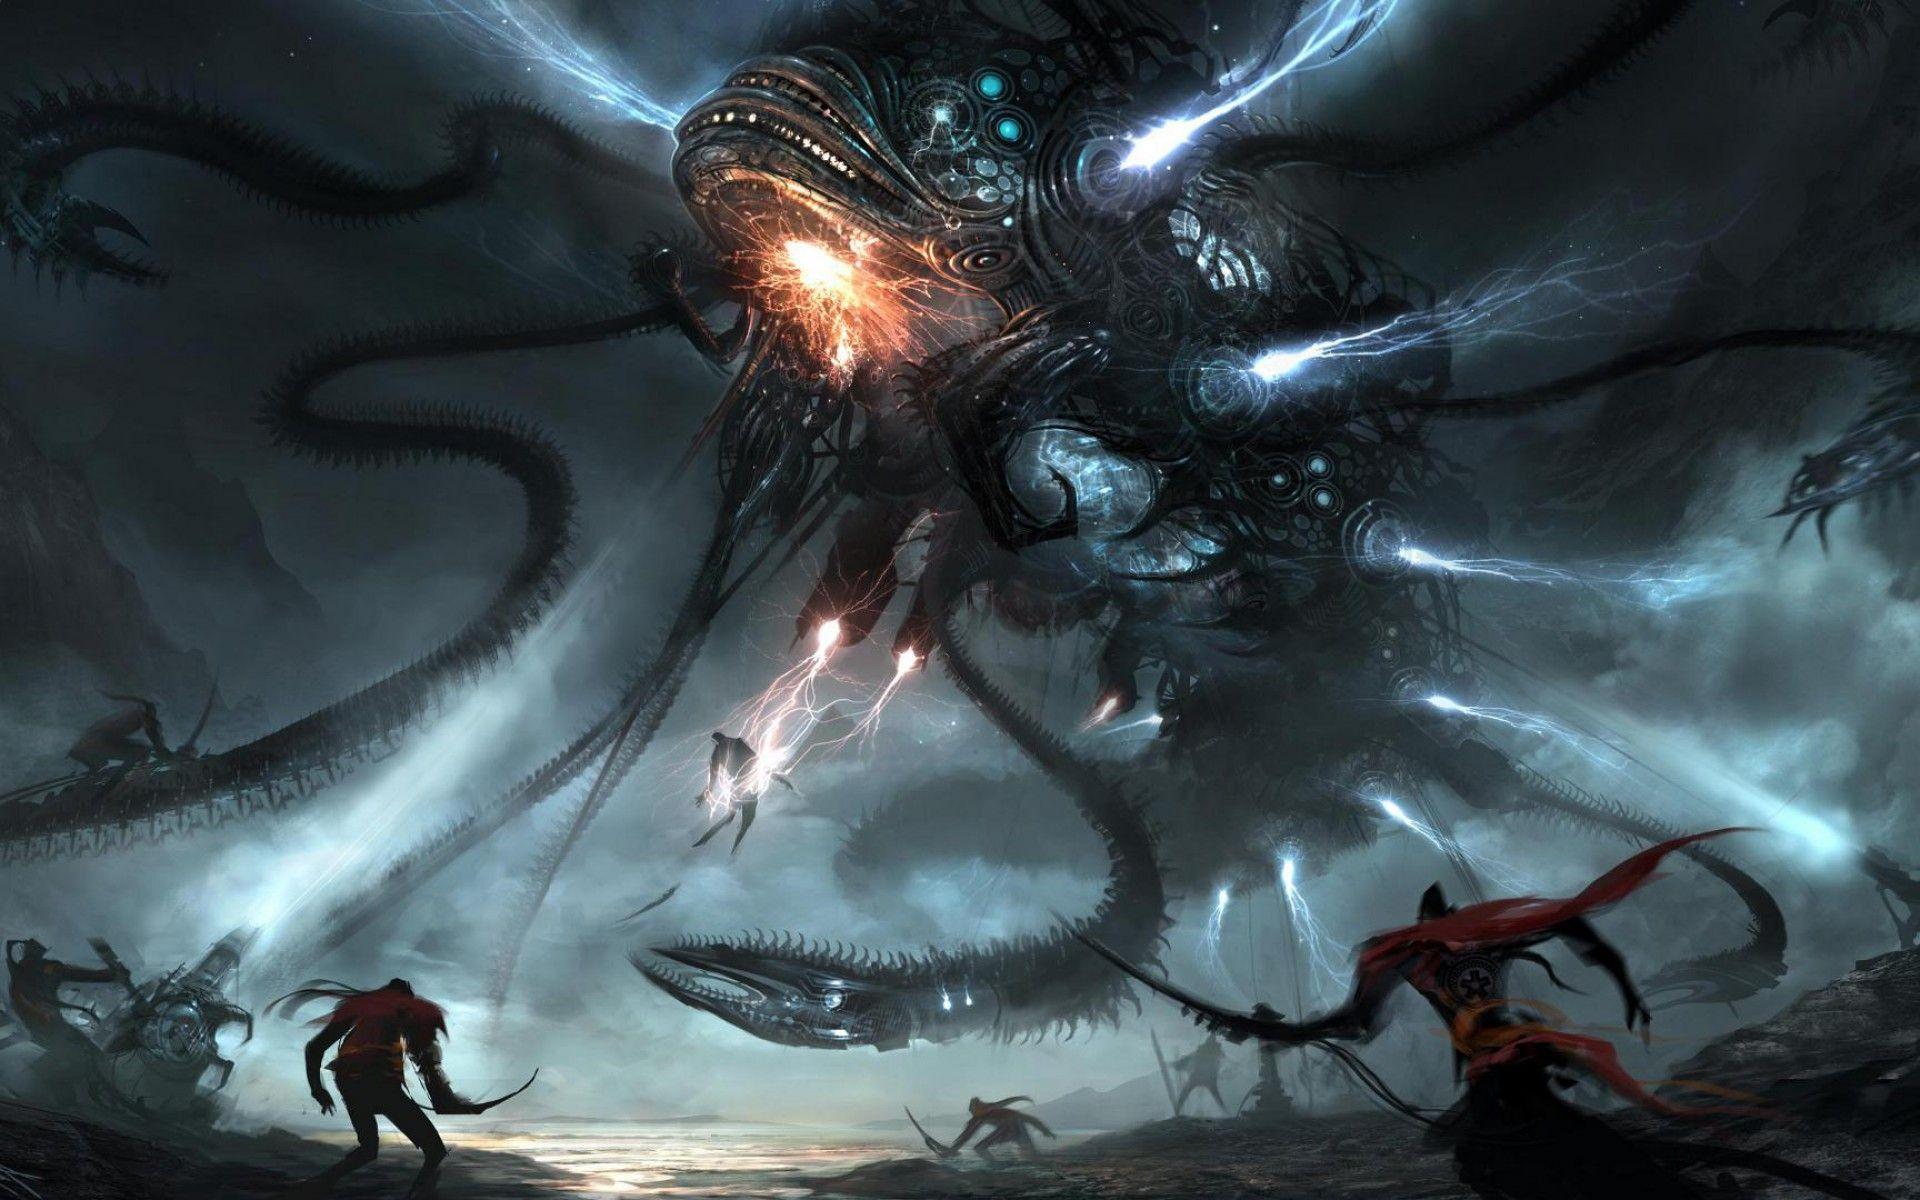 Giant Monster Wallpaper Part 4 Album On Imgur Dark